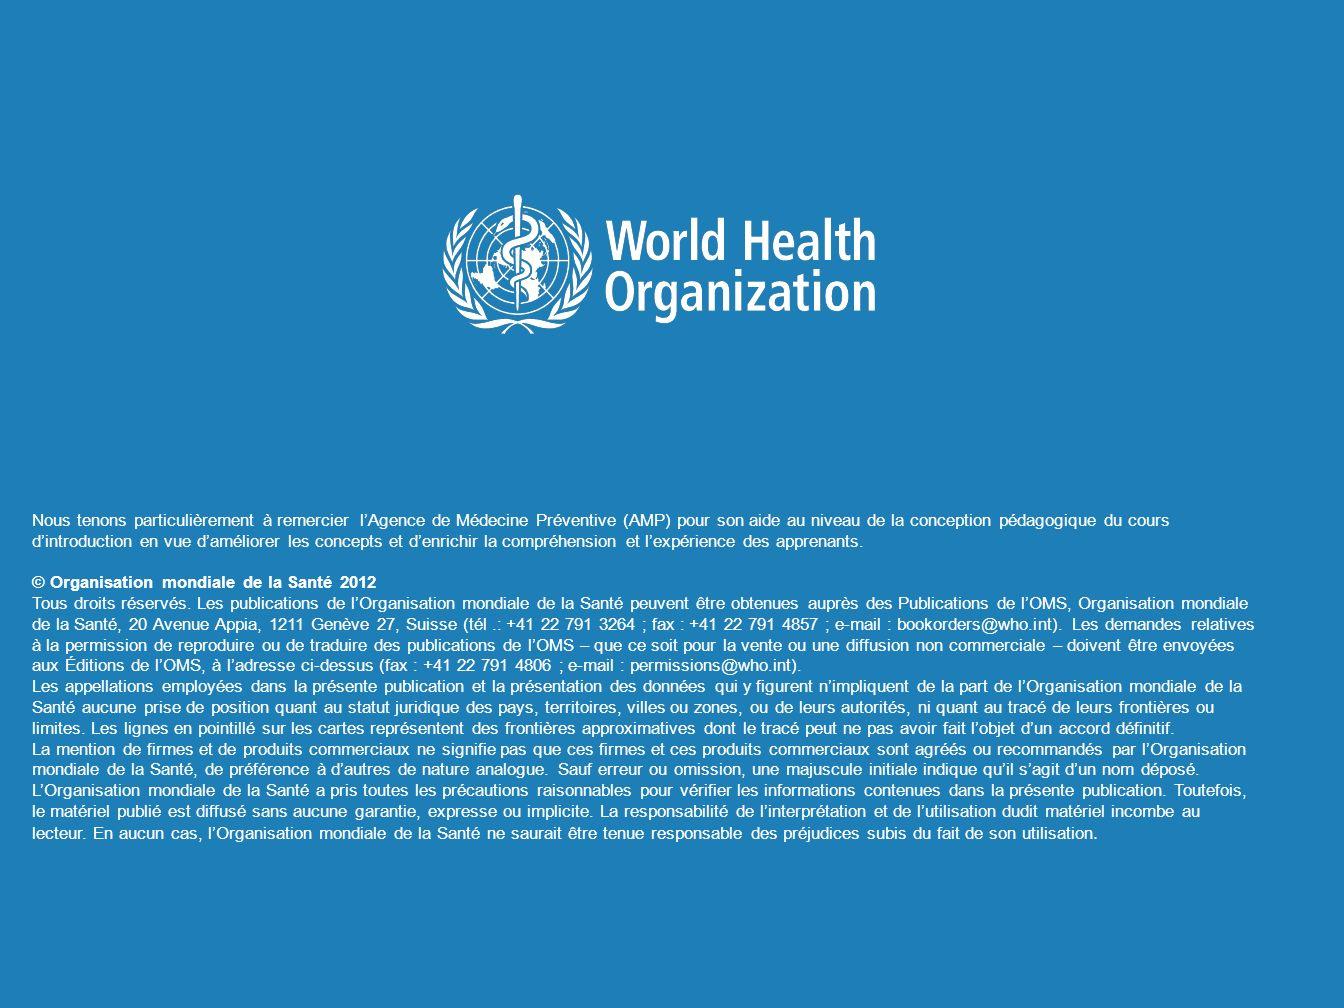 © Organisation mondiale de la Santé 2012